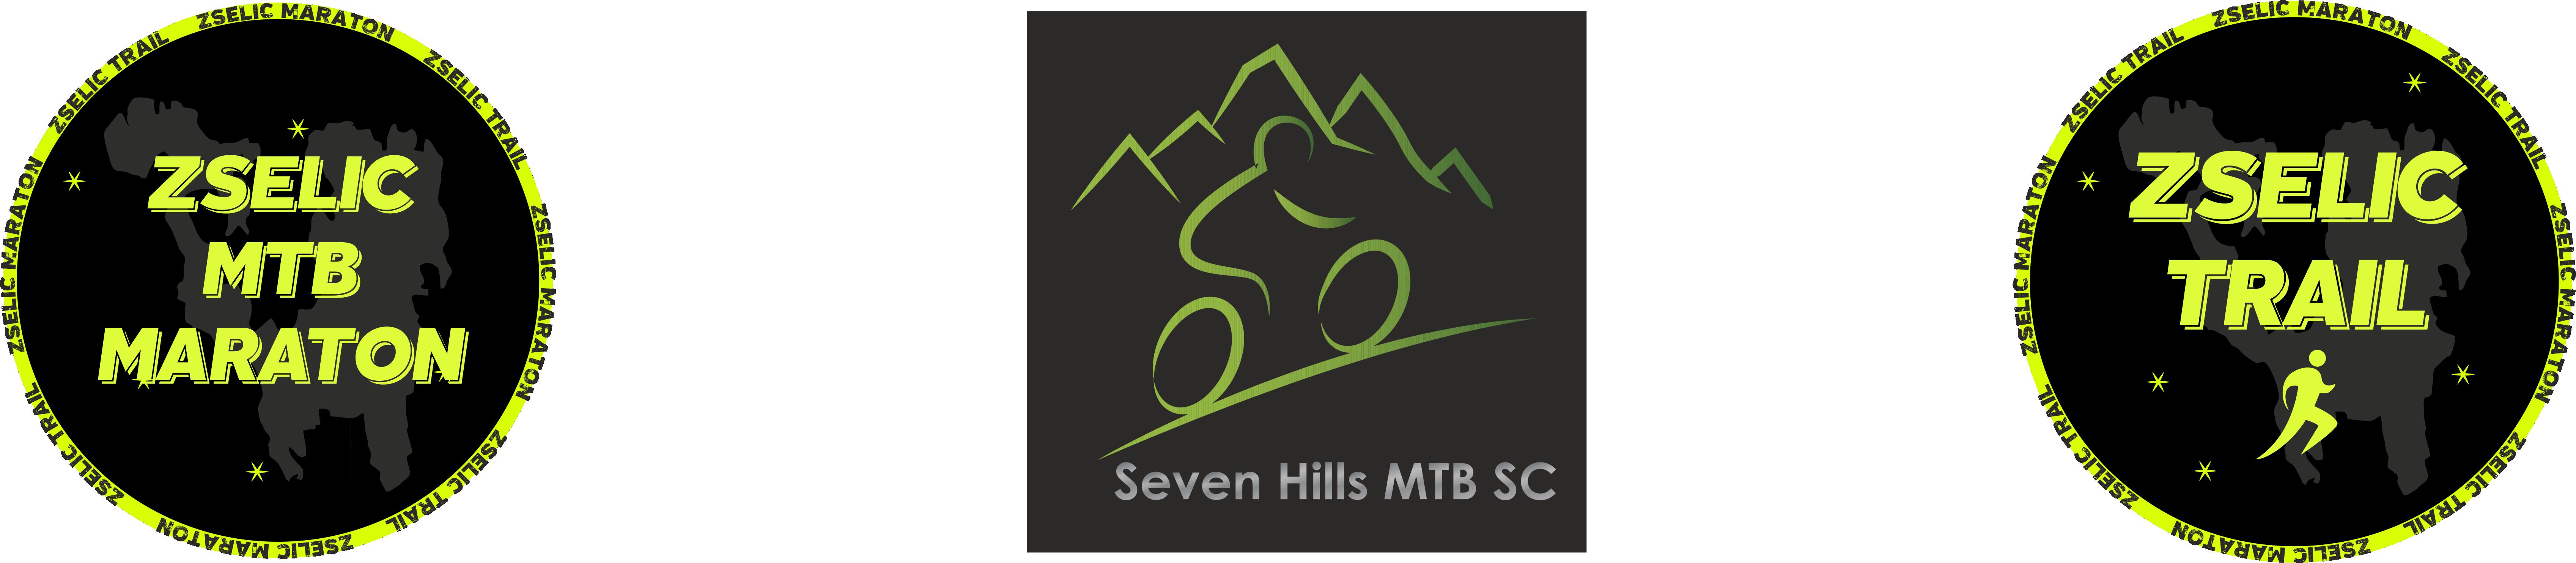 SEVEN HILLS MTB SC